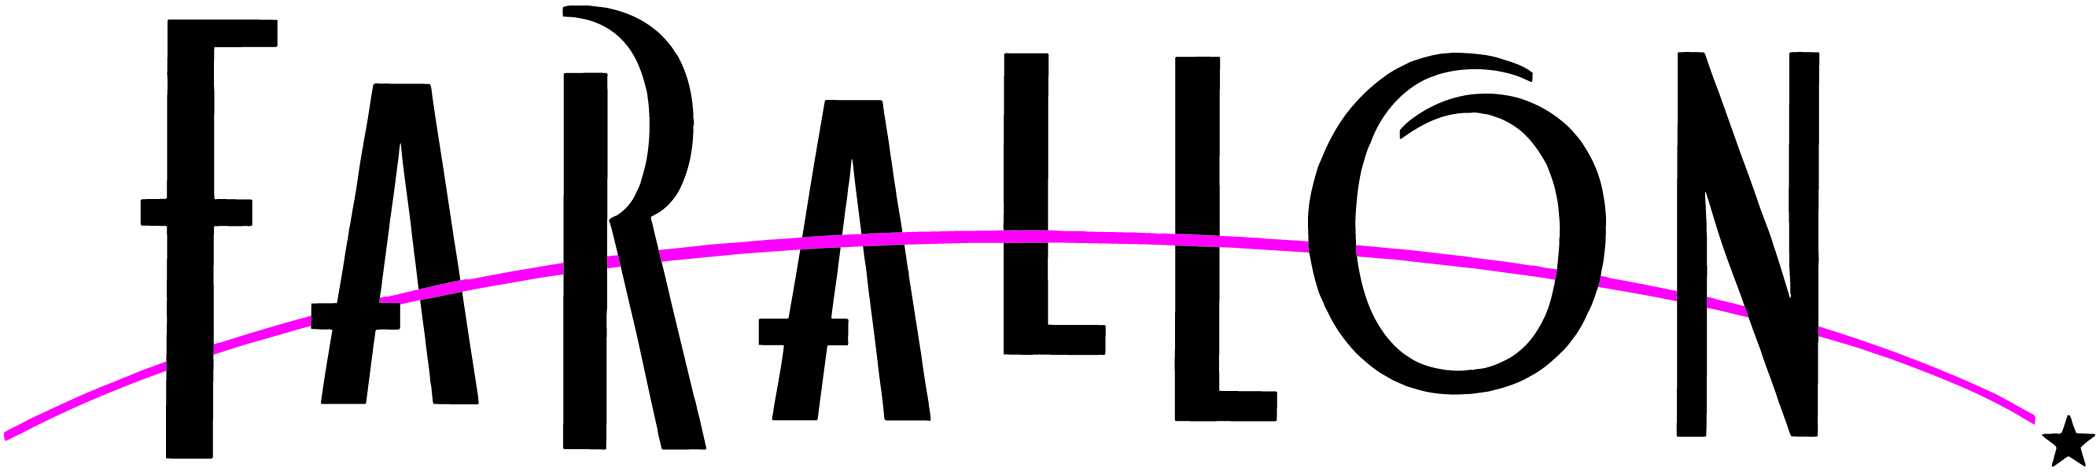 Farallon Logo-2color.jpg